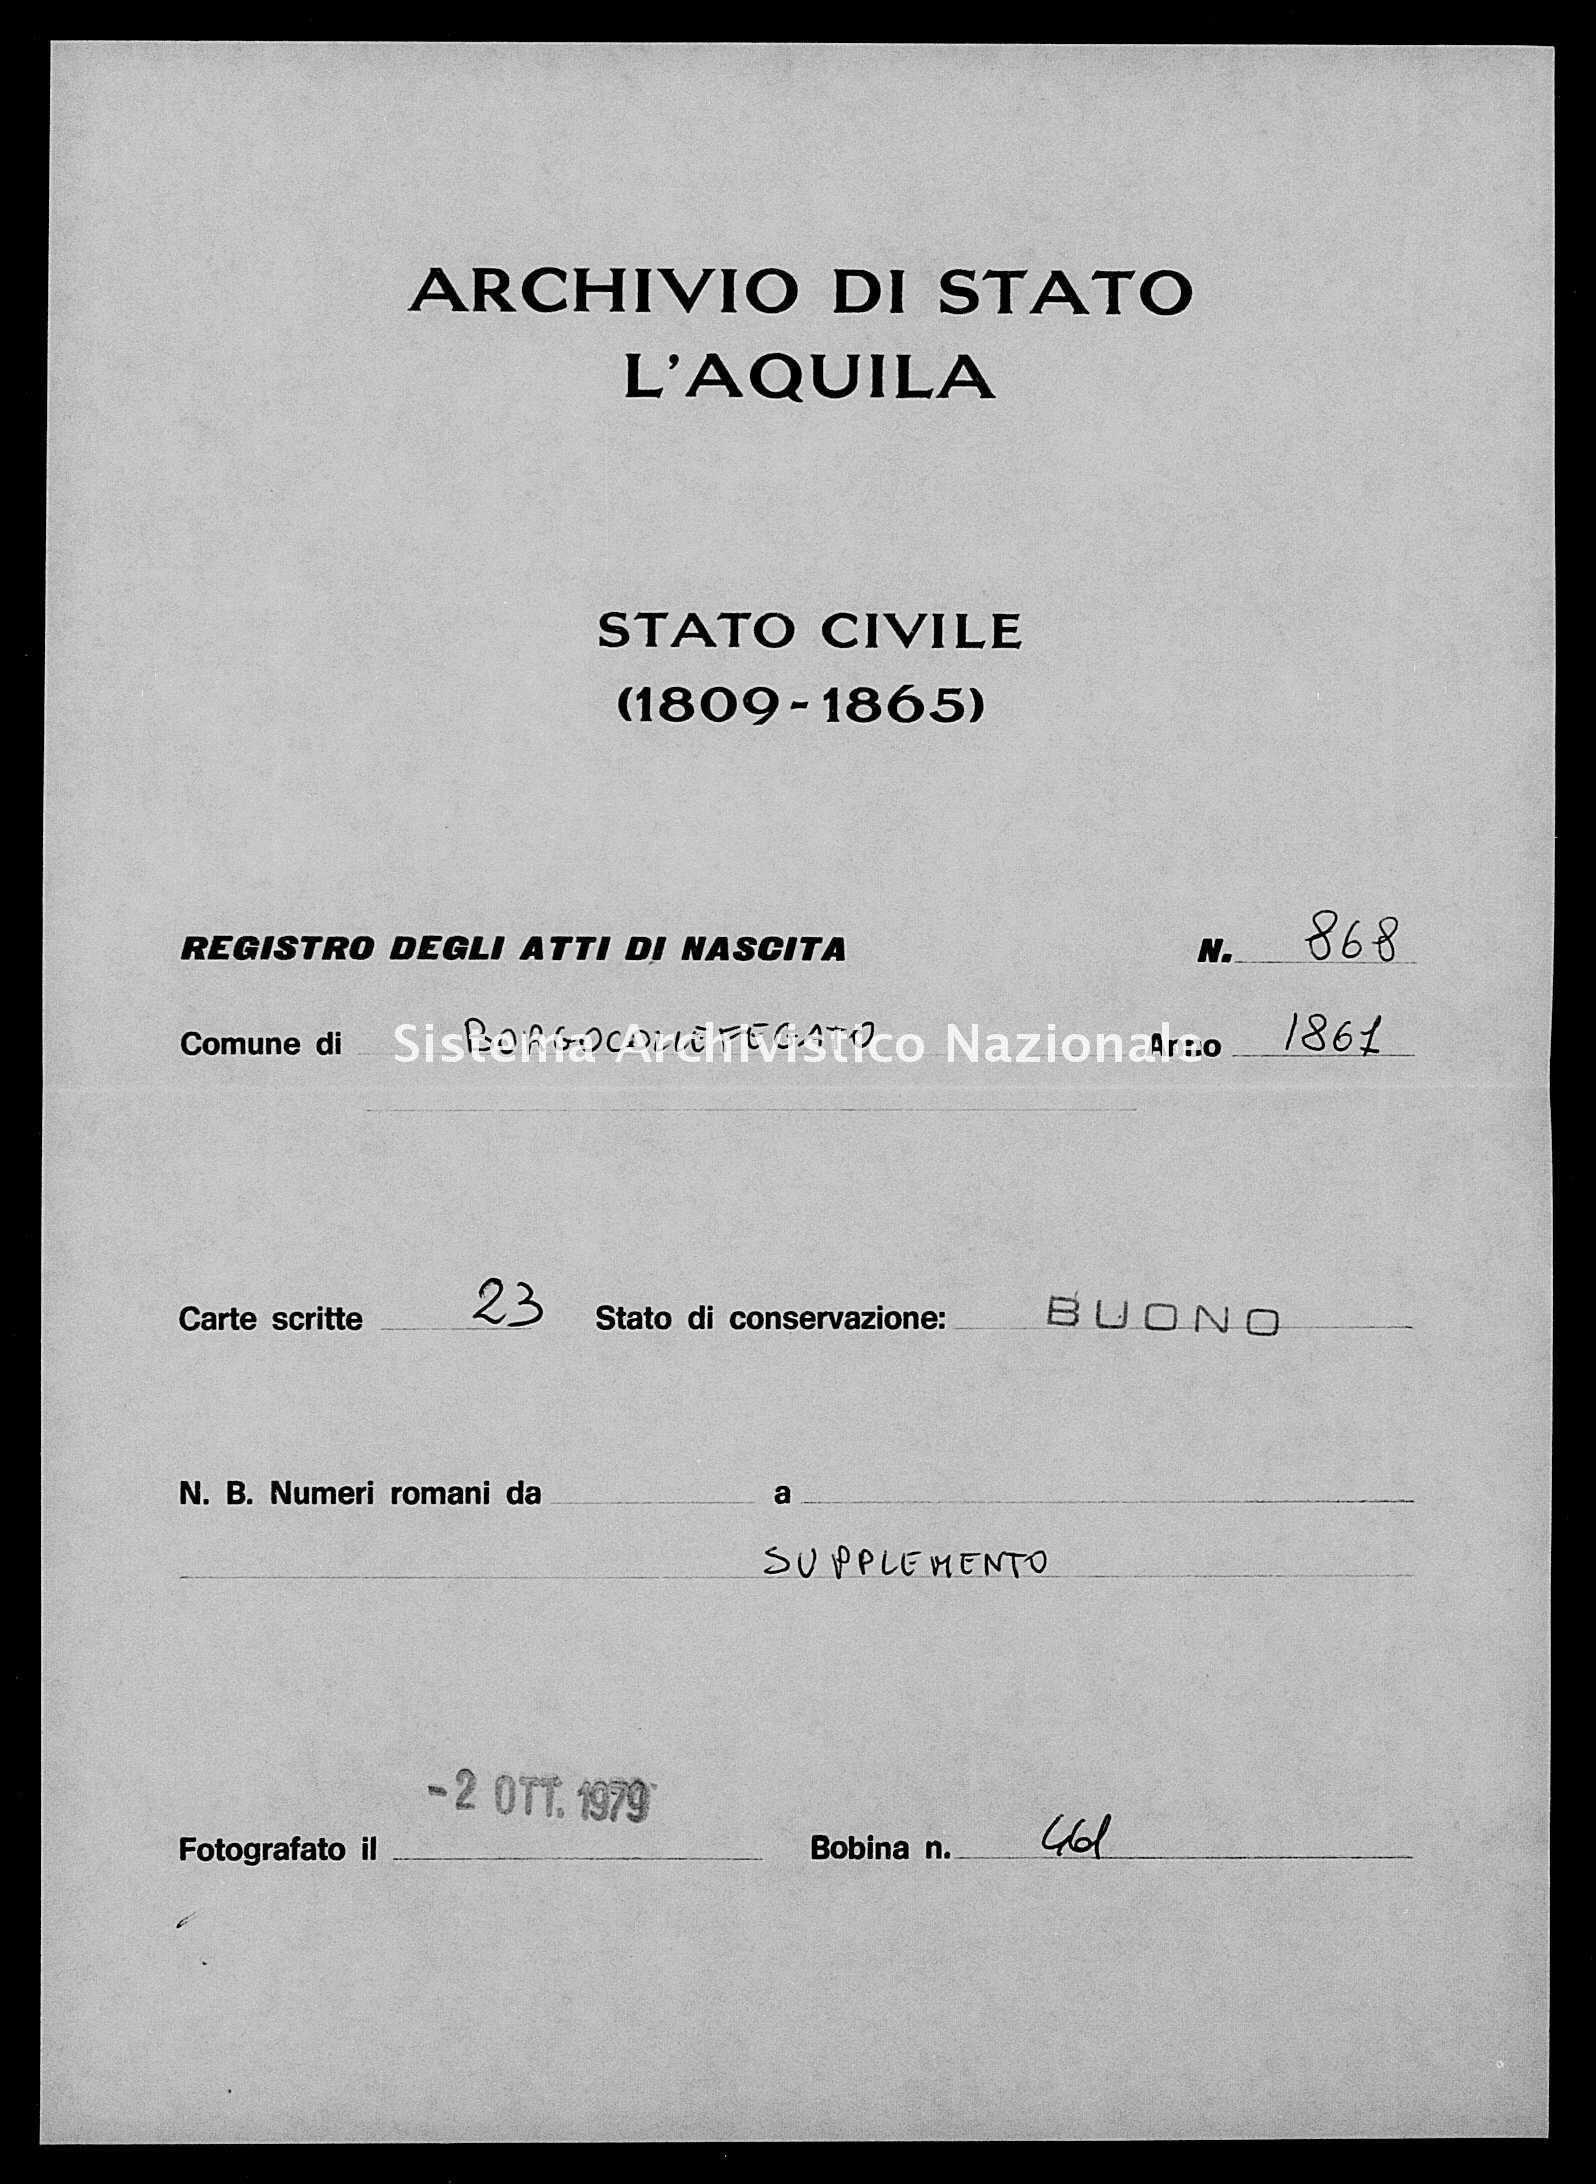 Archivio di stato di L'aquila - Stato civile italiano - Borgocollefegato - Nati, battesimi - 1861 - 868 -